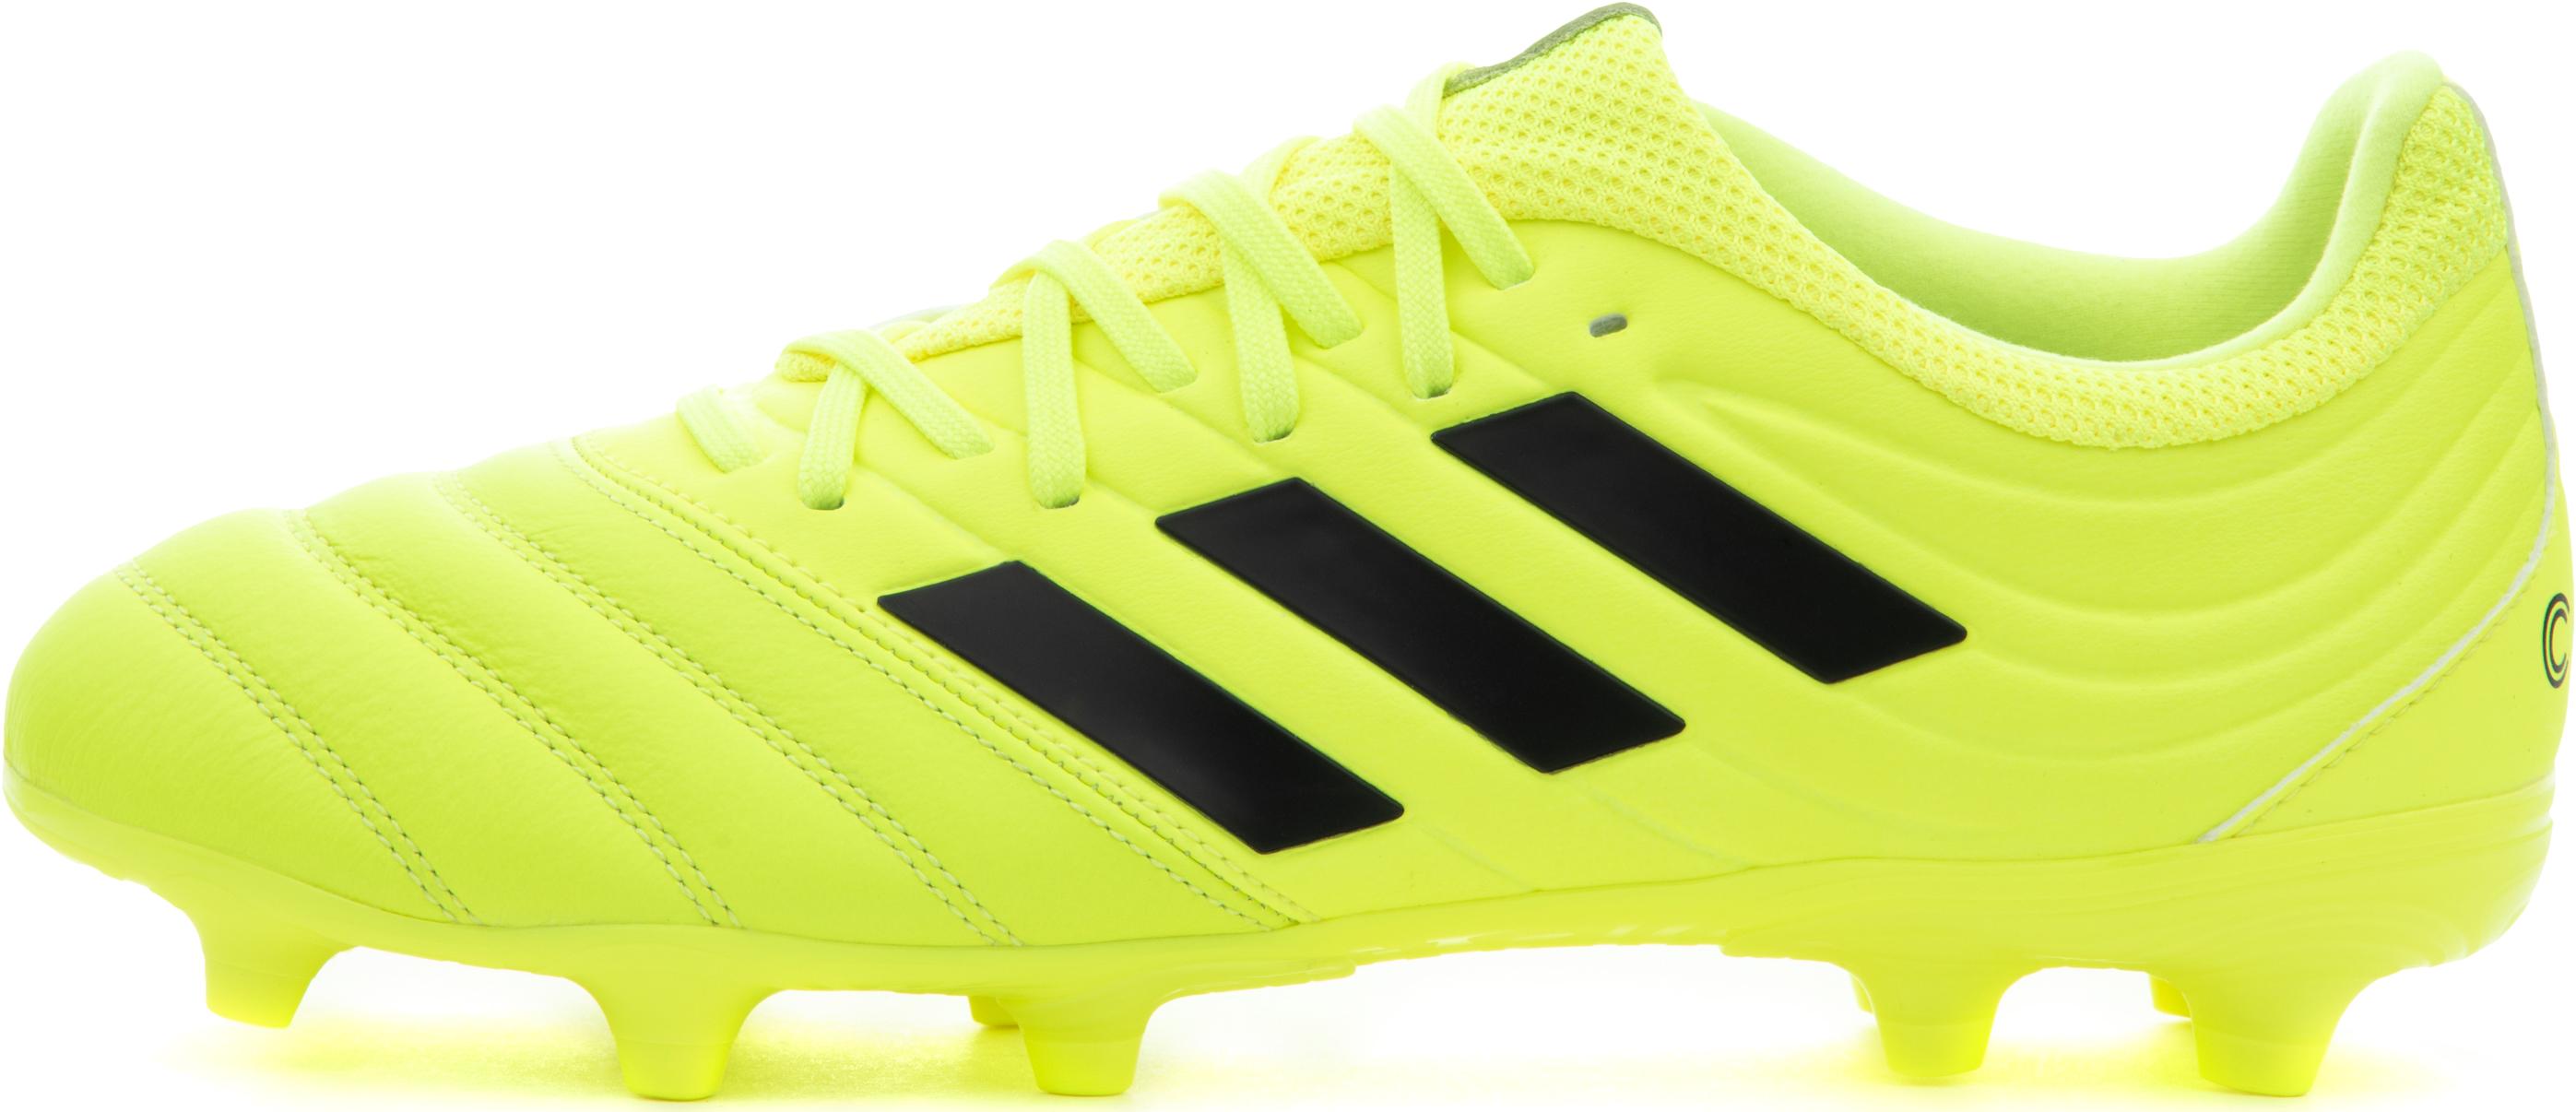 Adidas Бутсы мужские Copa 19.3 FG, размер 40,5